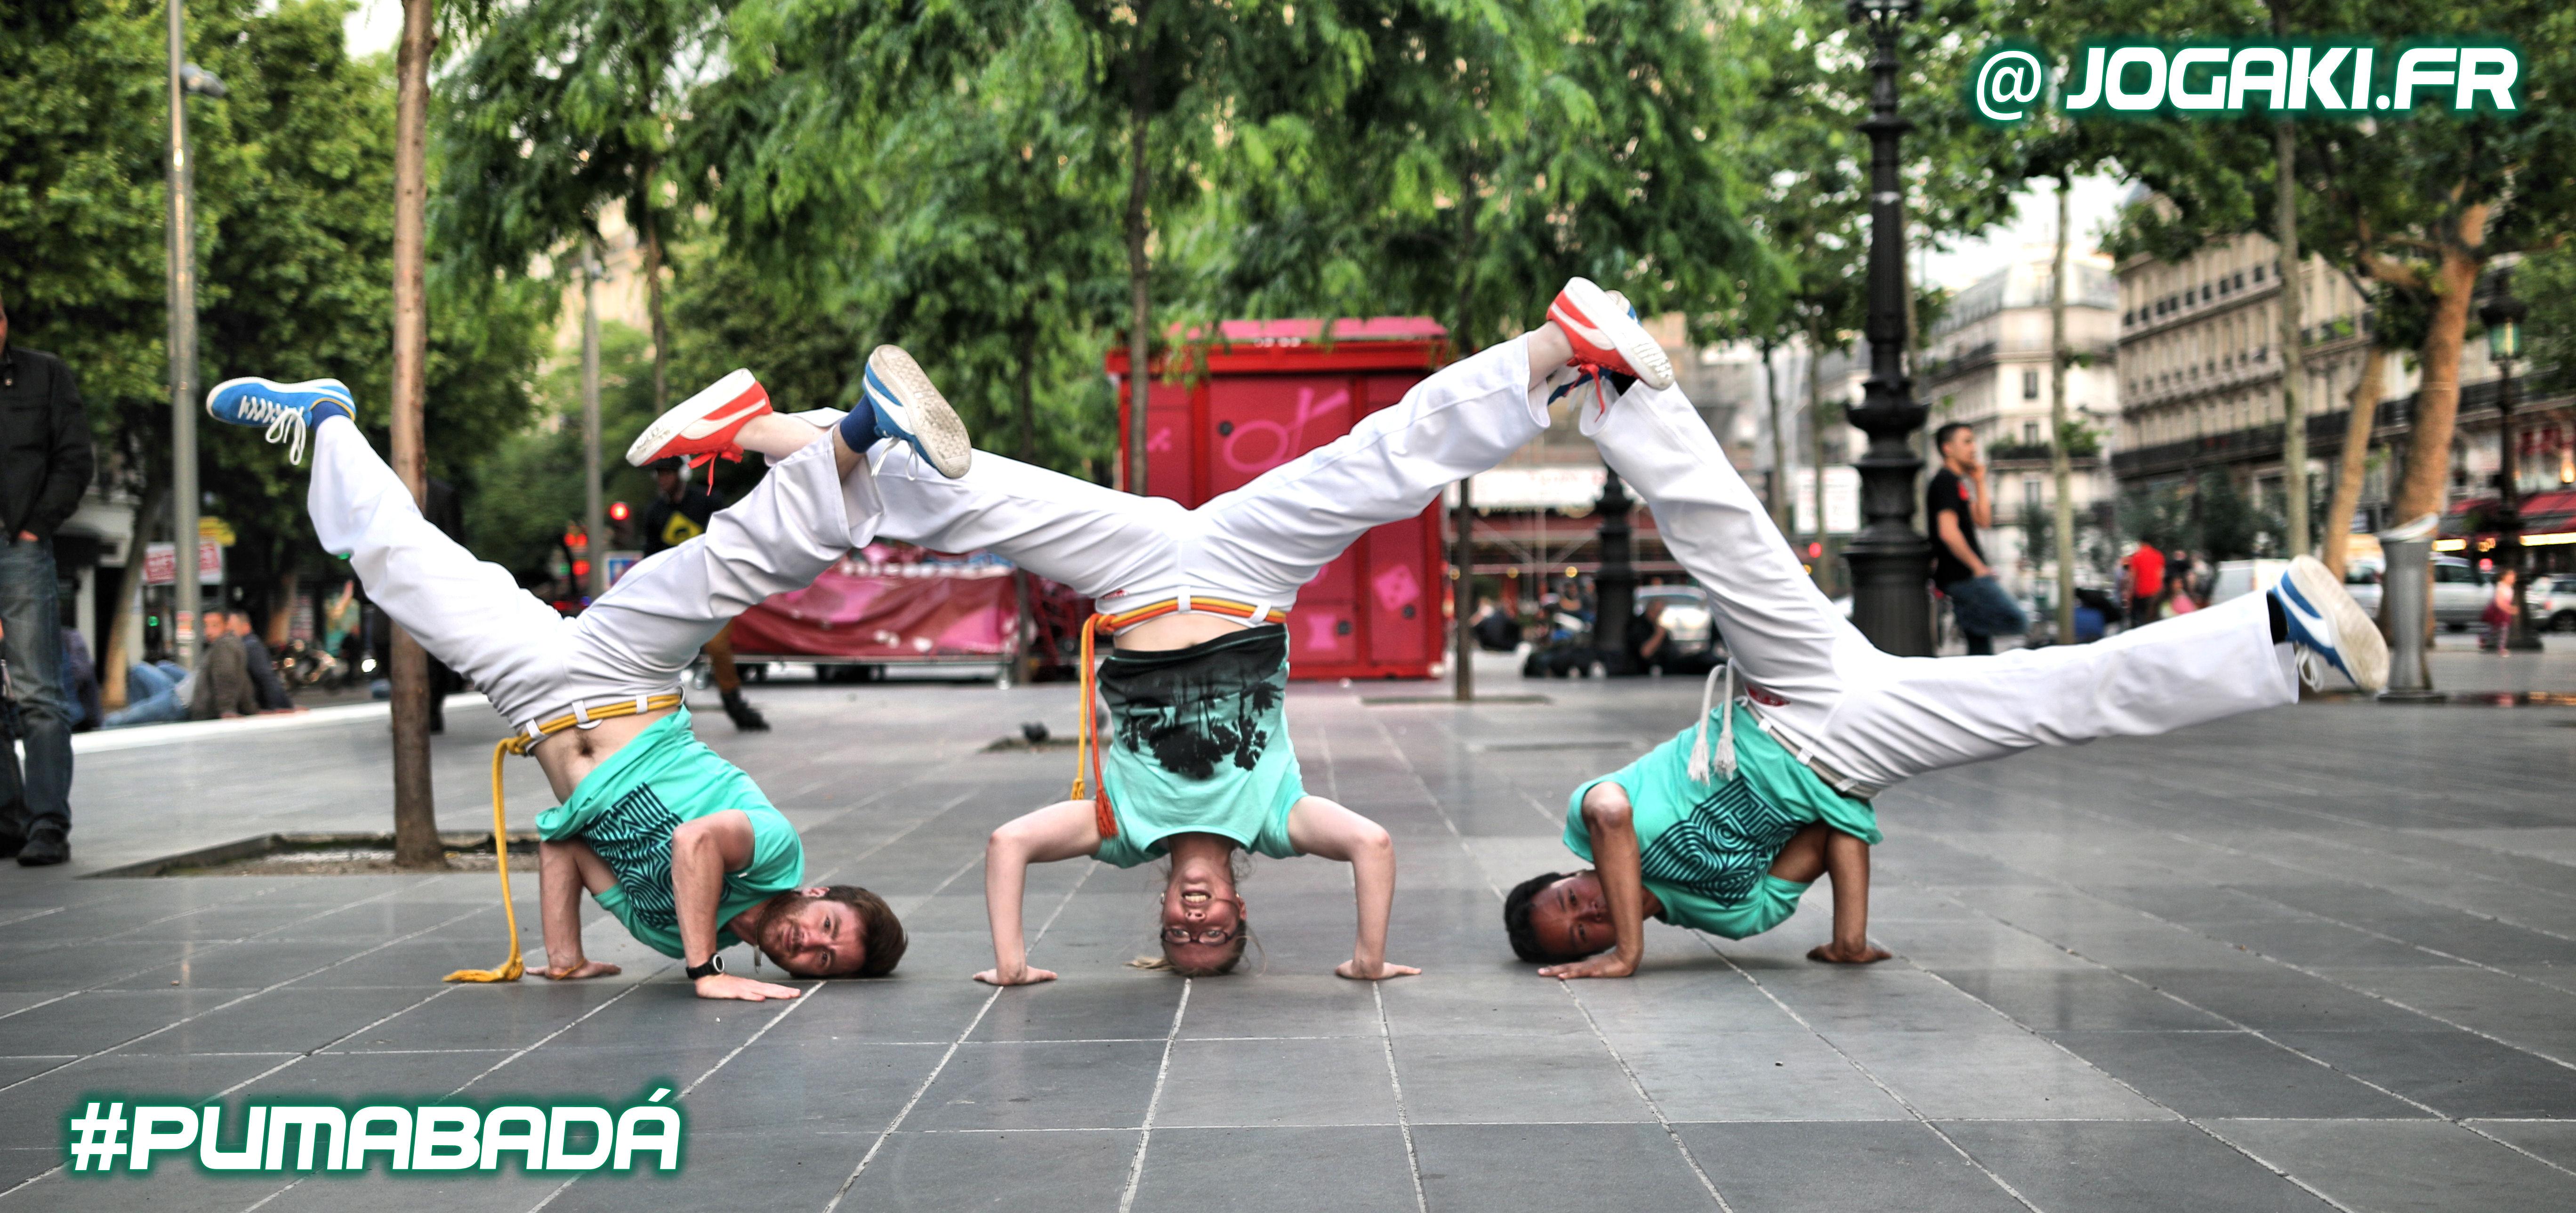 capoeira-paris-puma-spectacle-trio-acrobatie-bresil